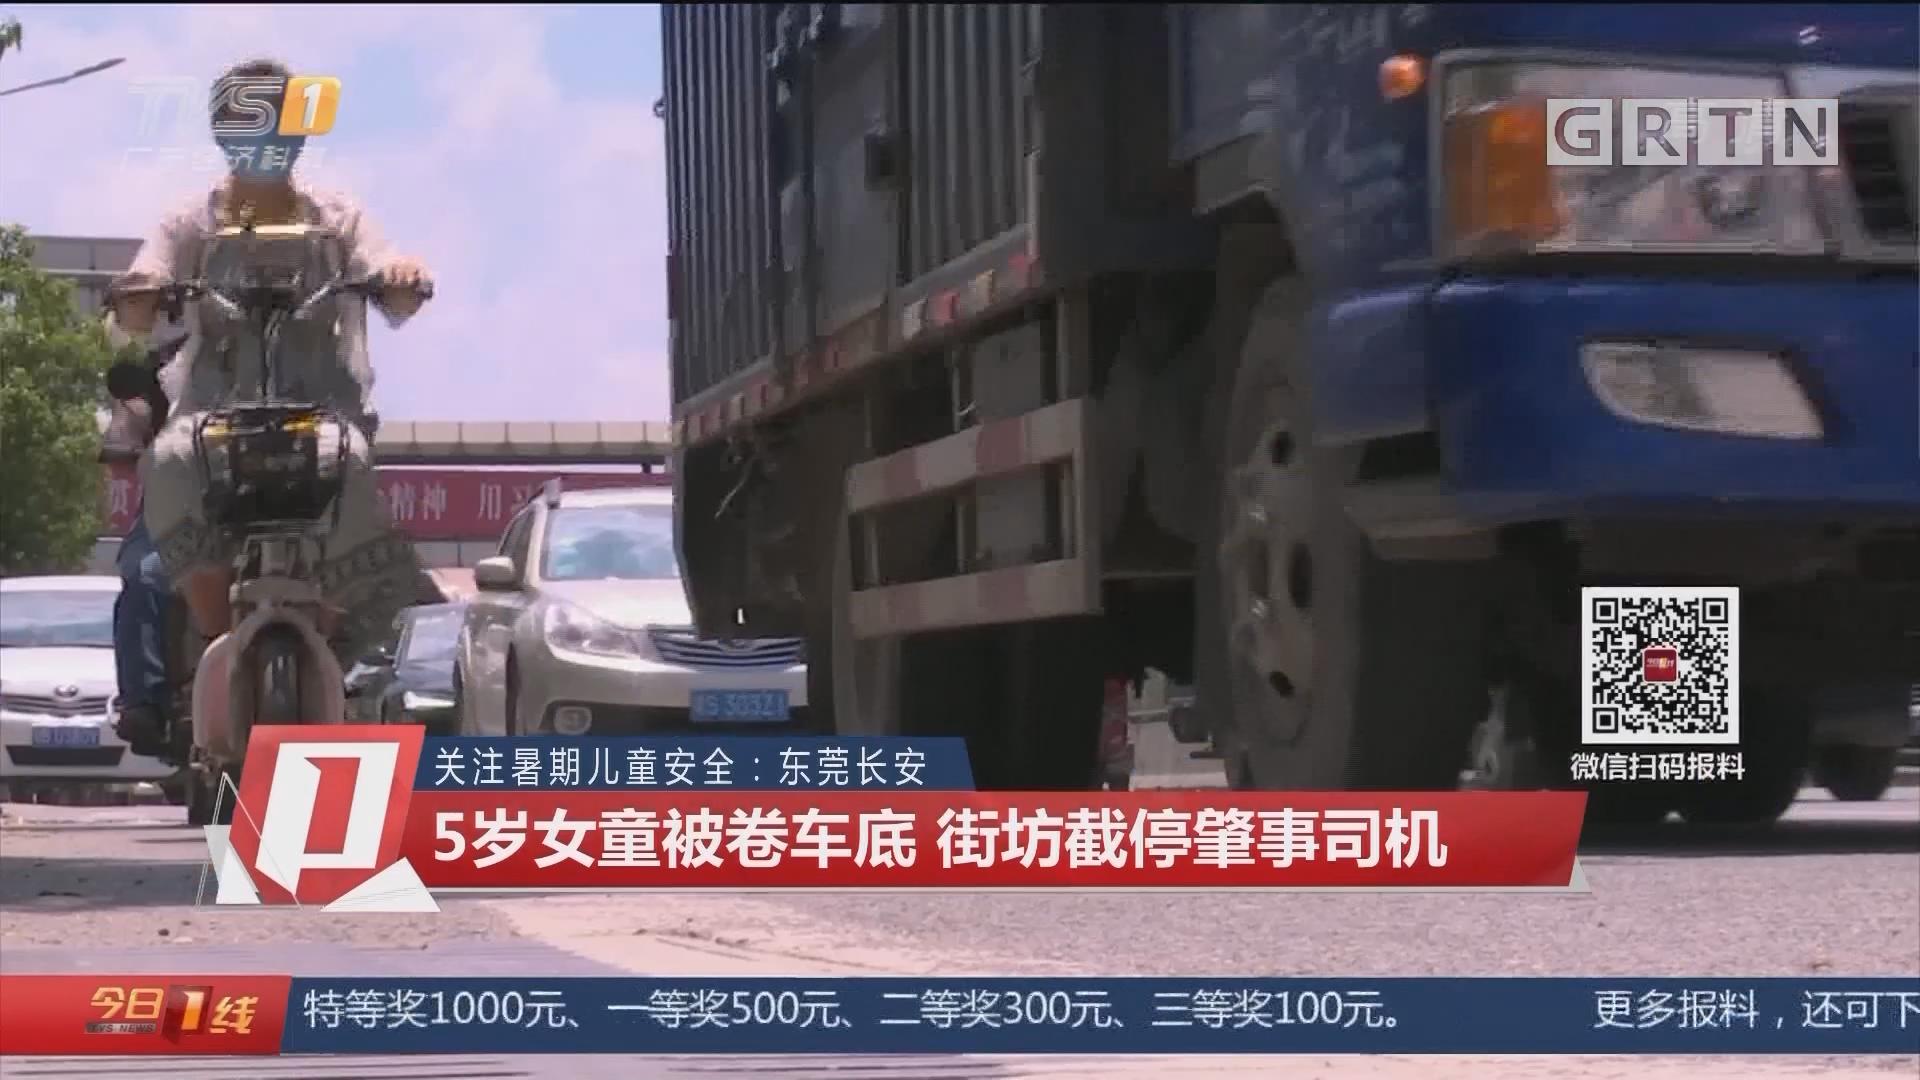 关注暑期儿童安全:东莞长安 5岁女童被卷车底 街坊截停肇事司机